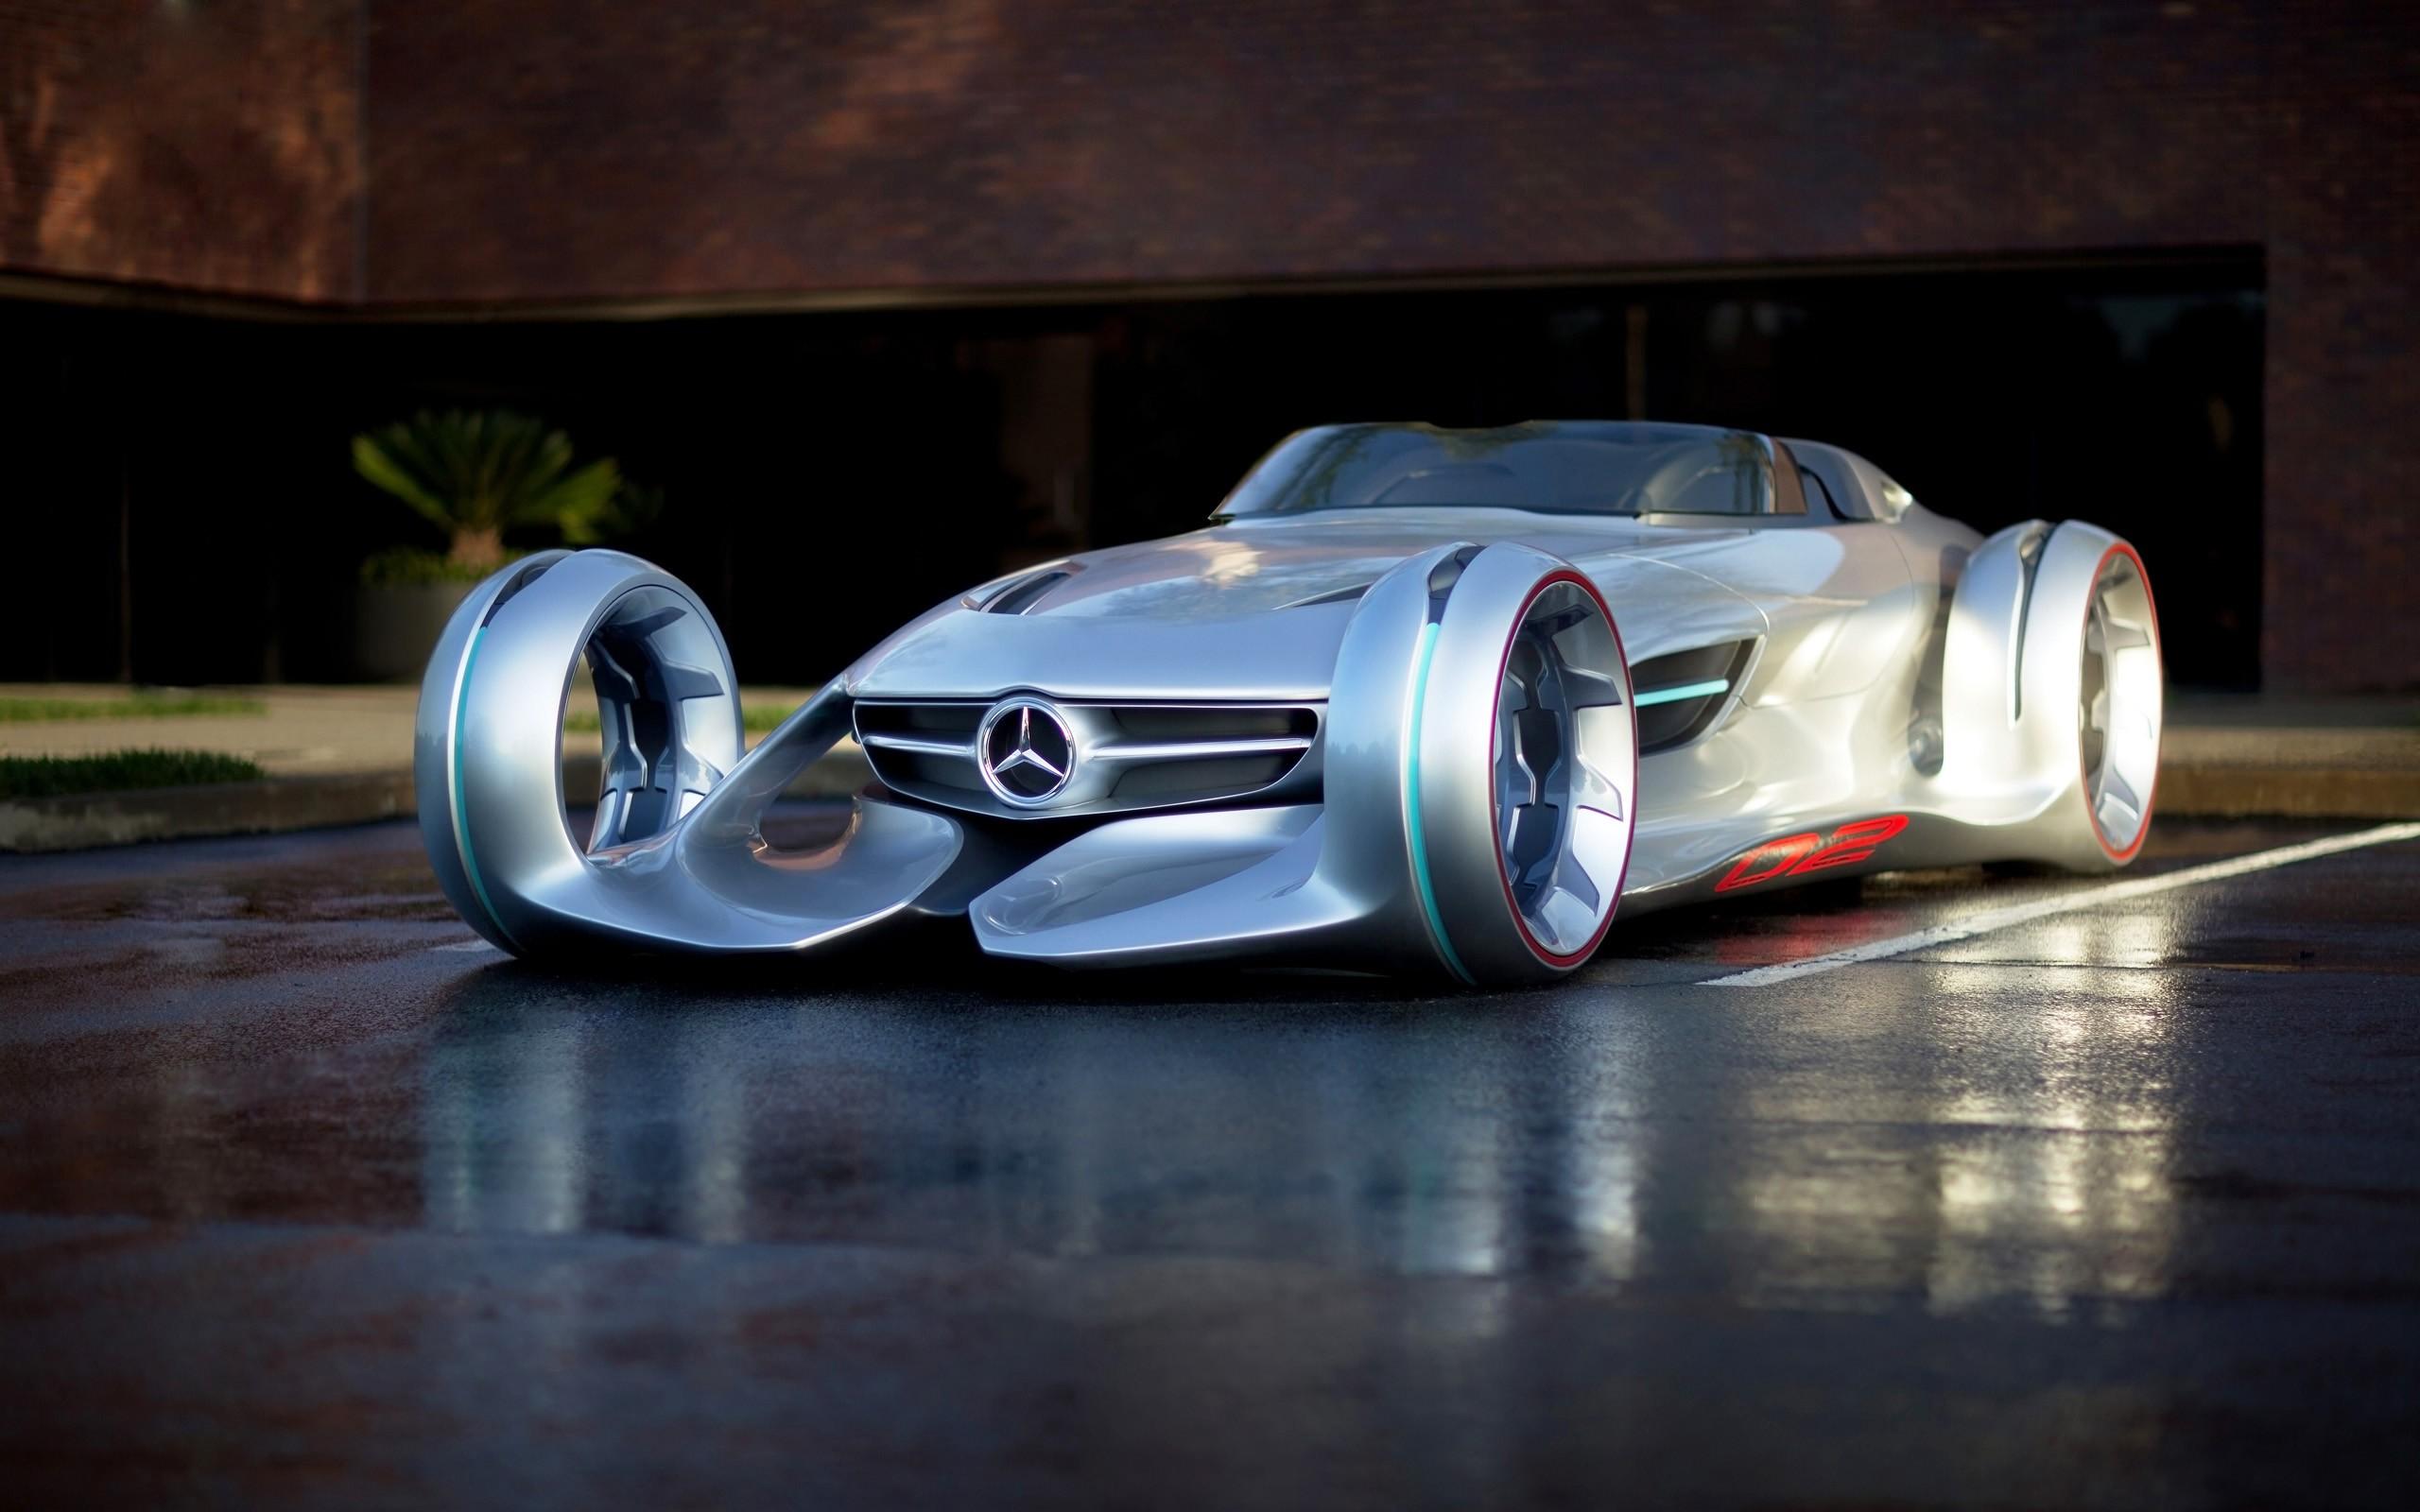 2011 Mercedes Benz Silver Arrow Concept Wallpaper Hd Car